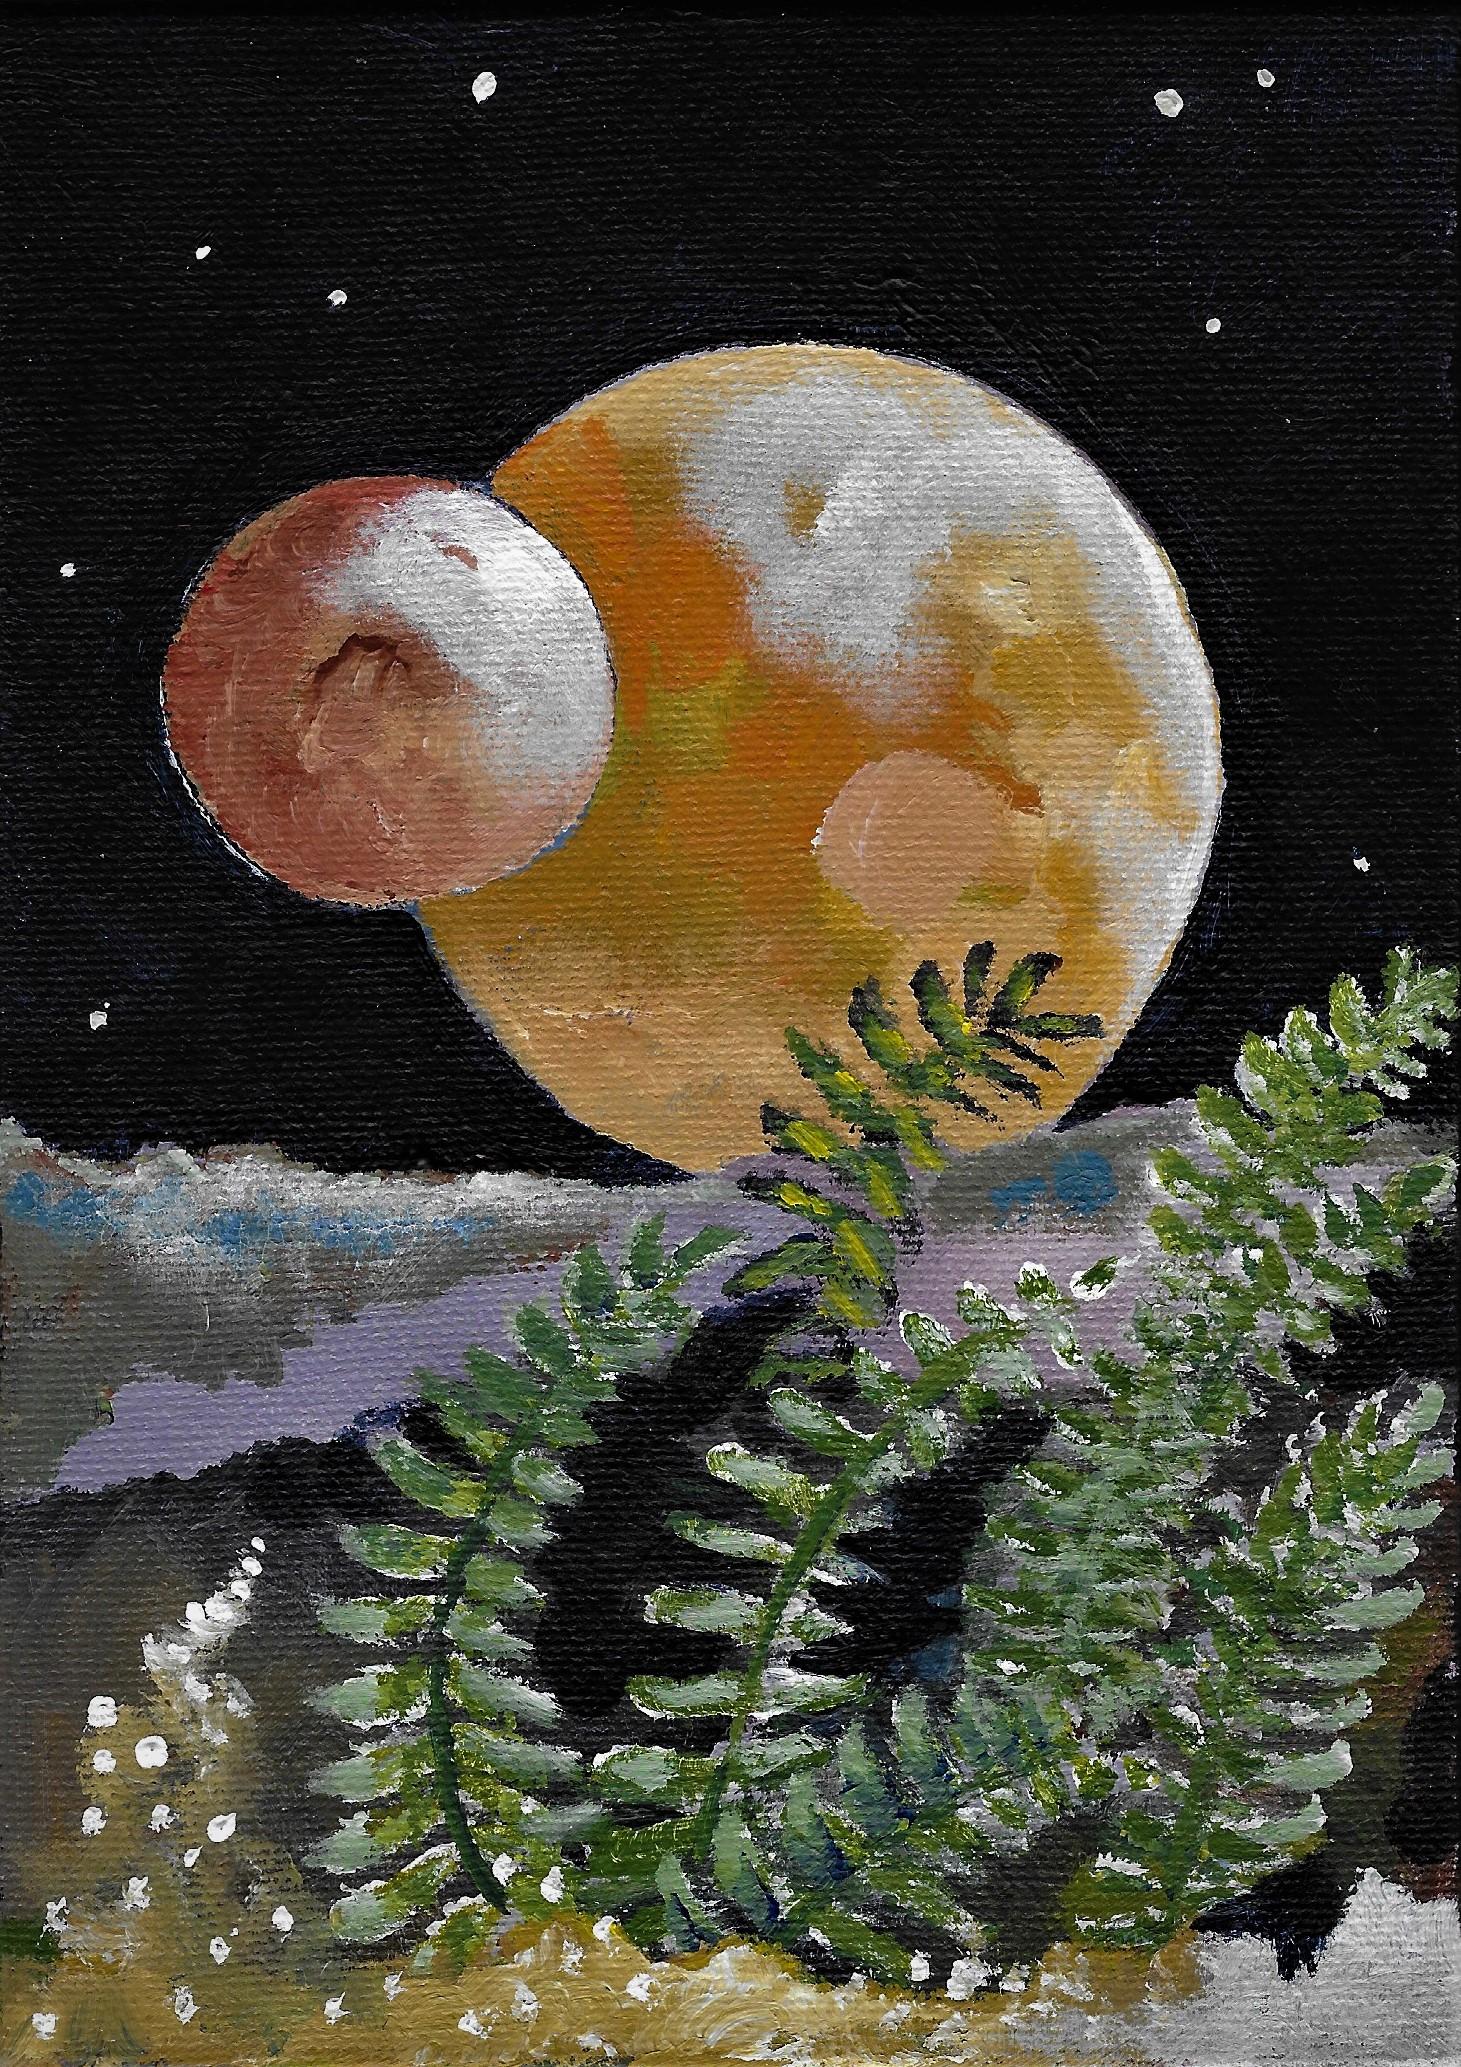 alien moons